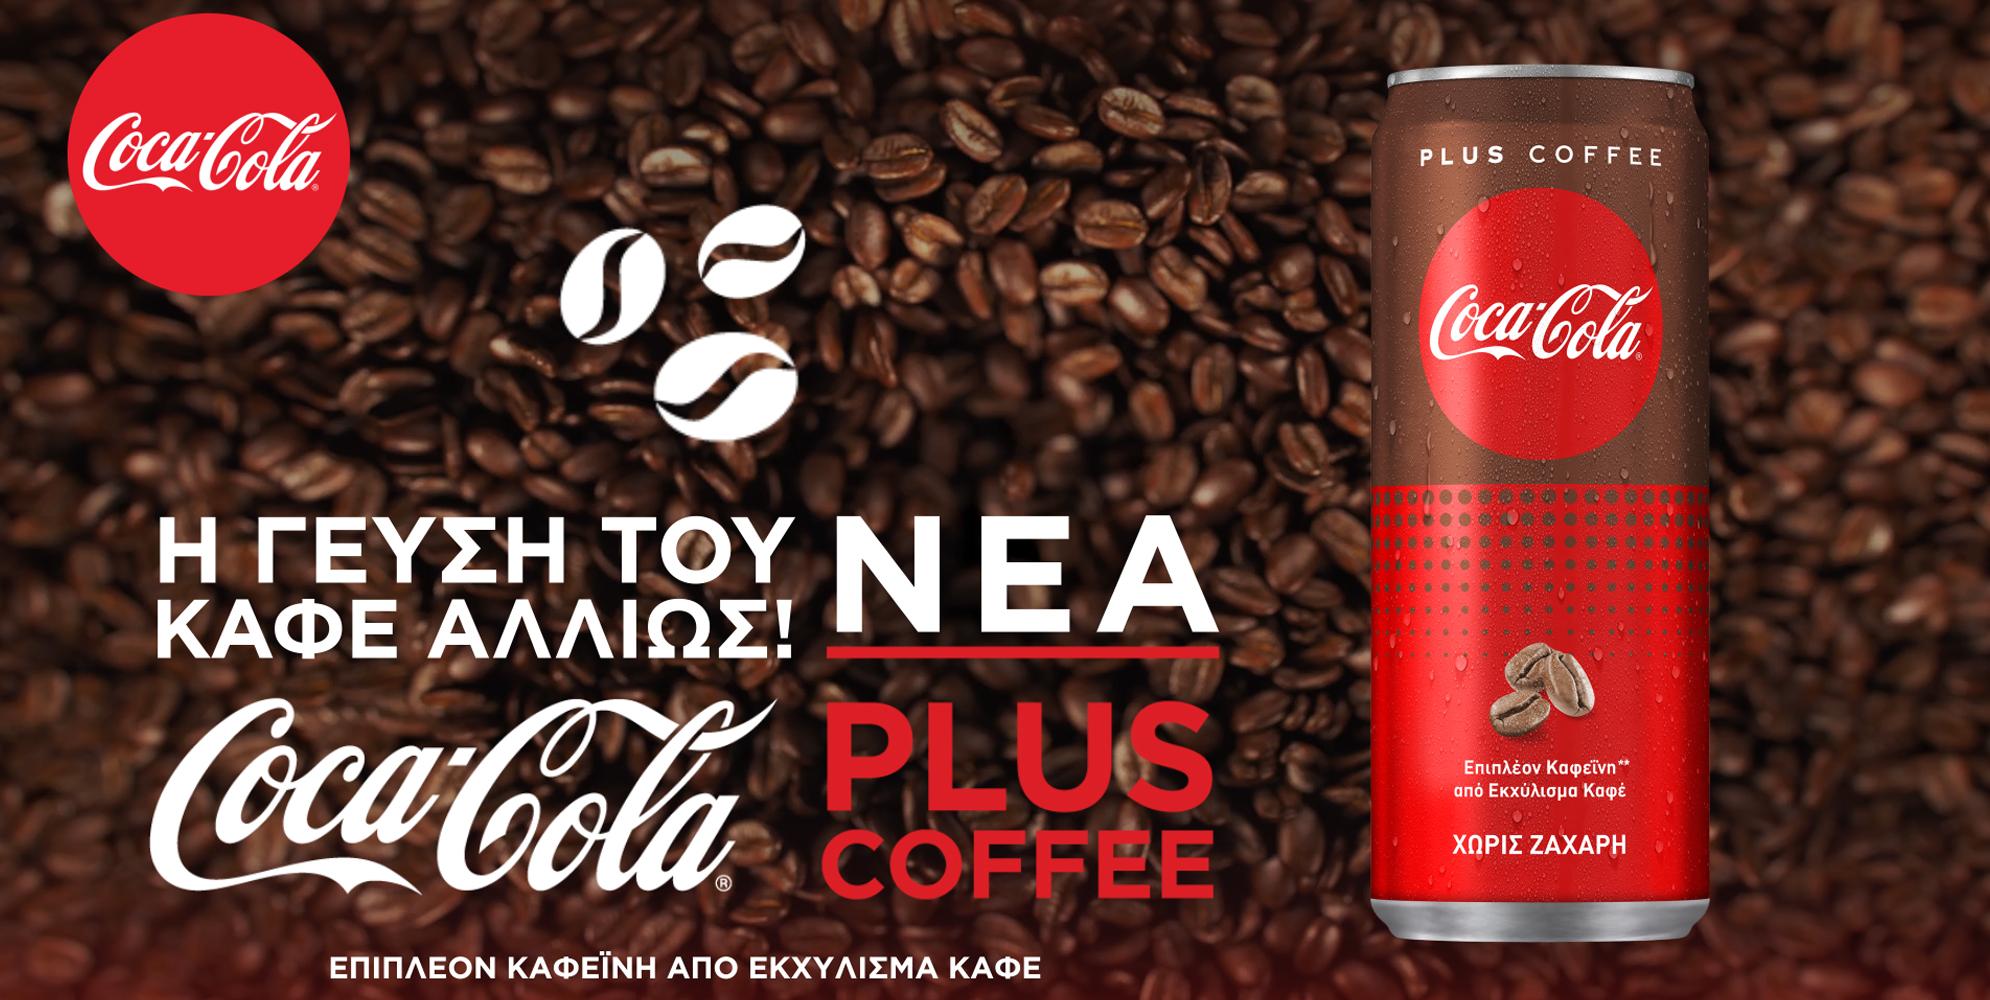 Coca – Cola Trigger Promo